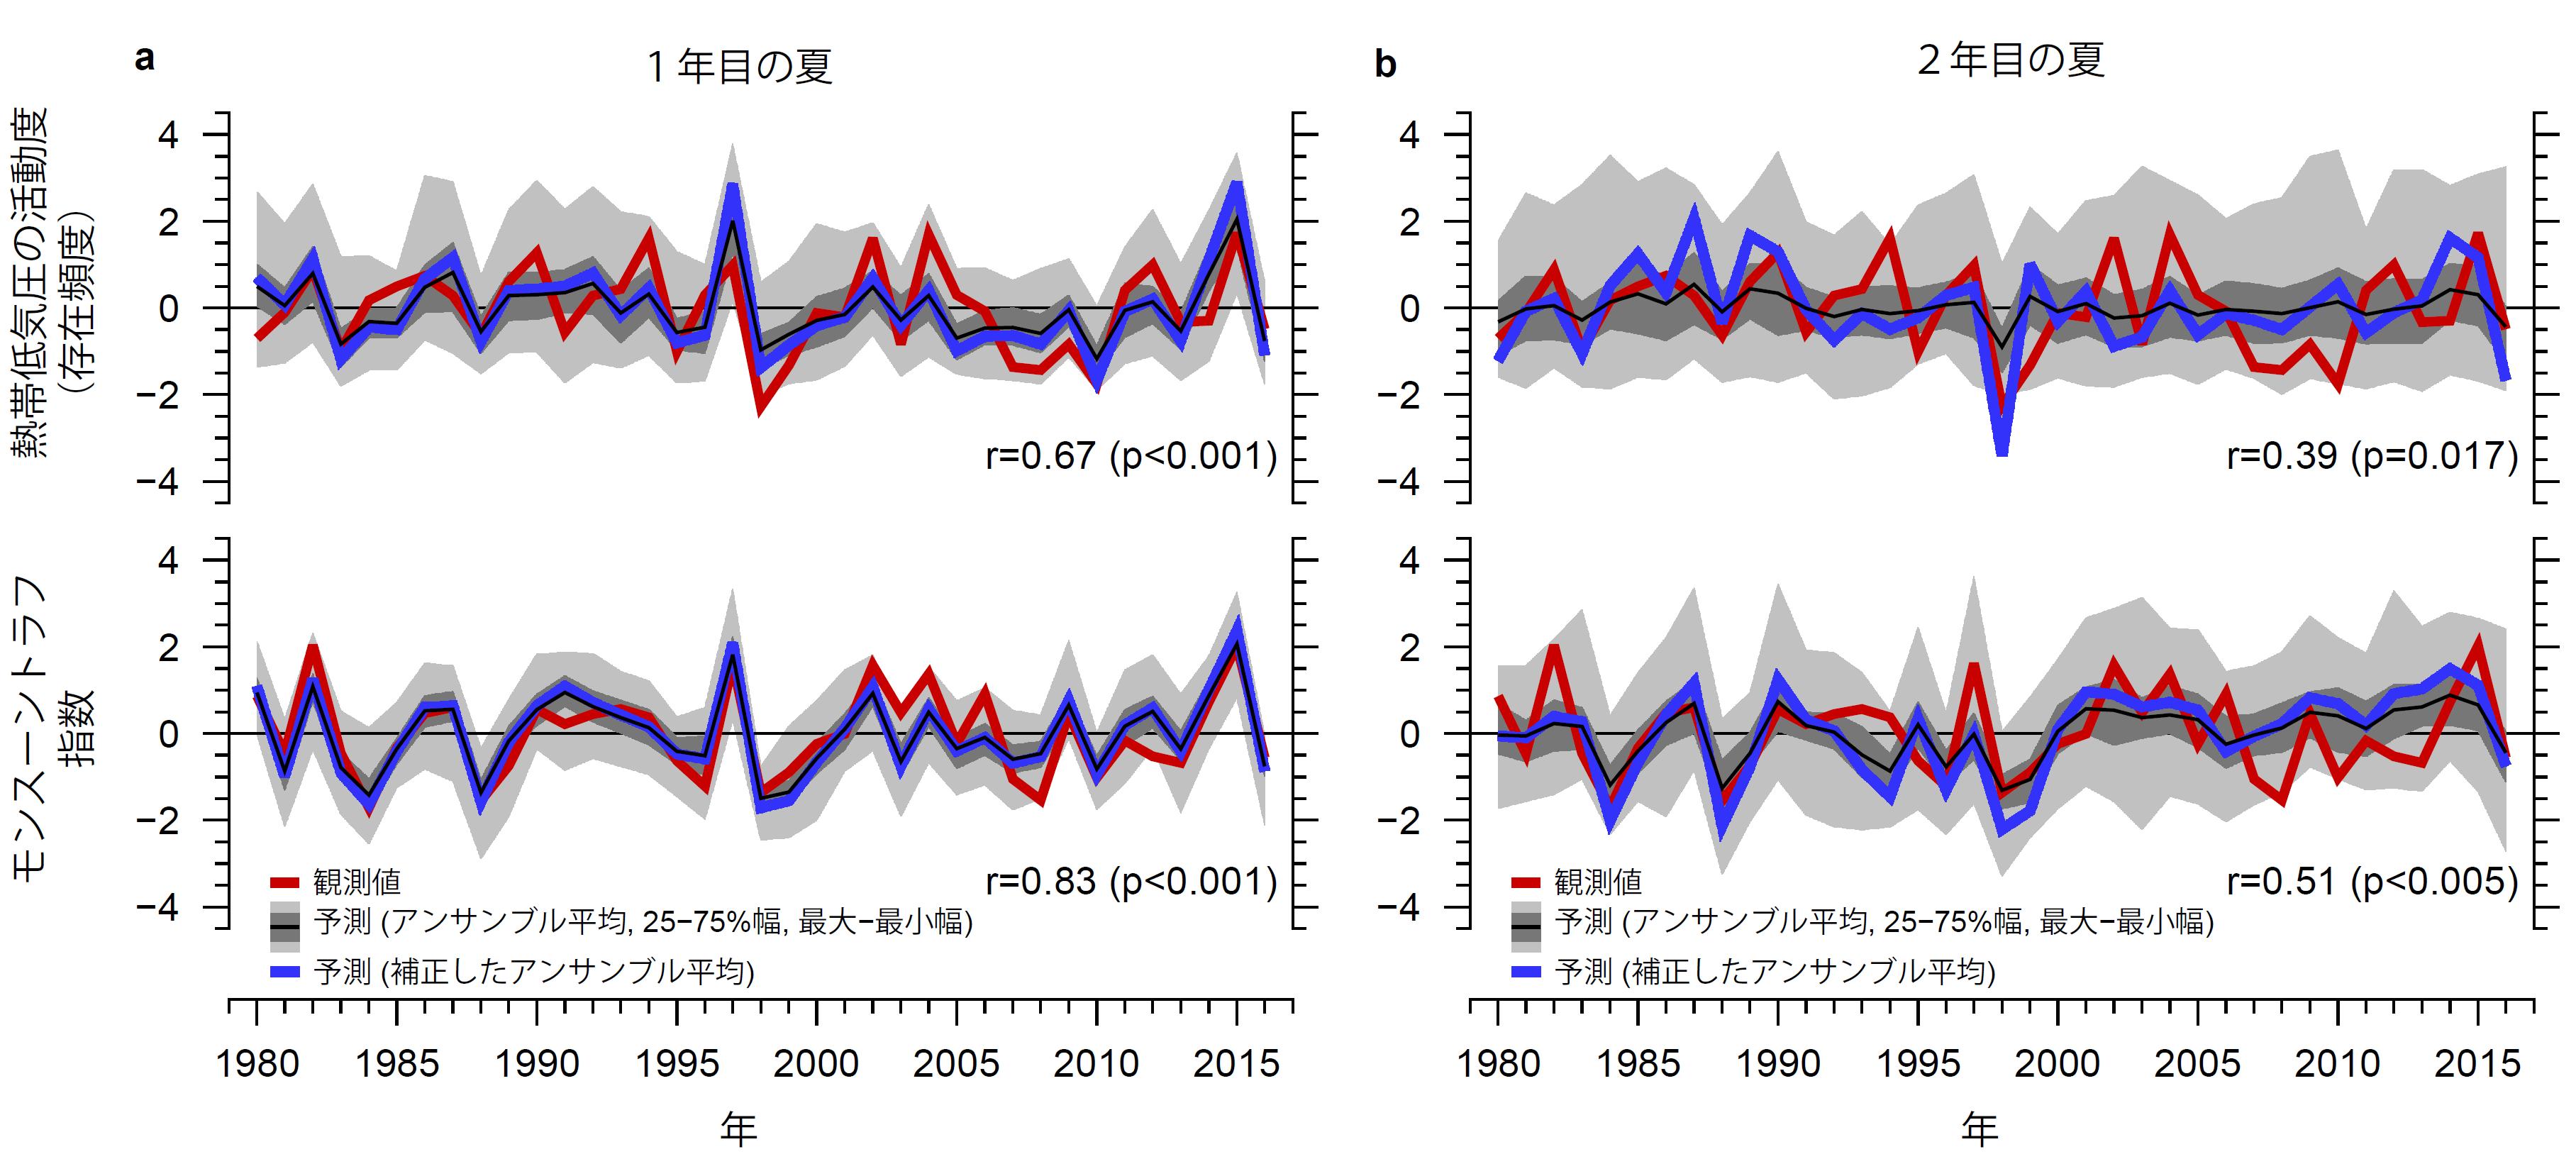 図4 エルニーニョ現象が発生していた冬の翌夏(6月~8月)の(a, b)観測値と4月末を初期値とした同期間の(c, d)予測値を比較した図